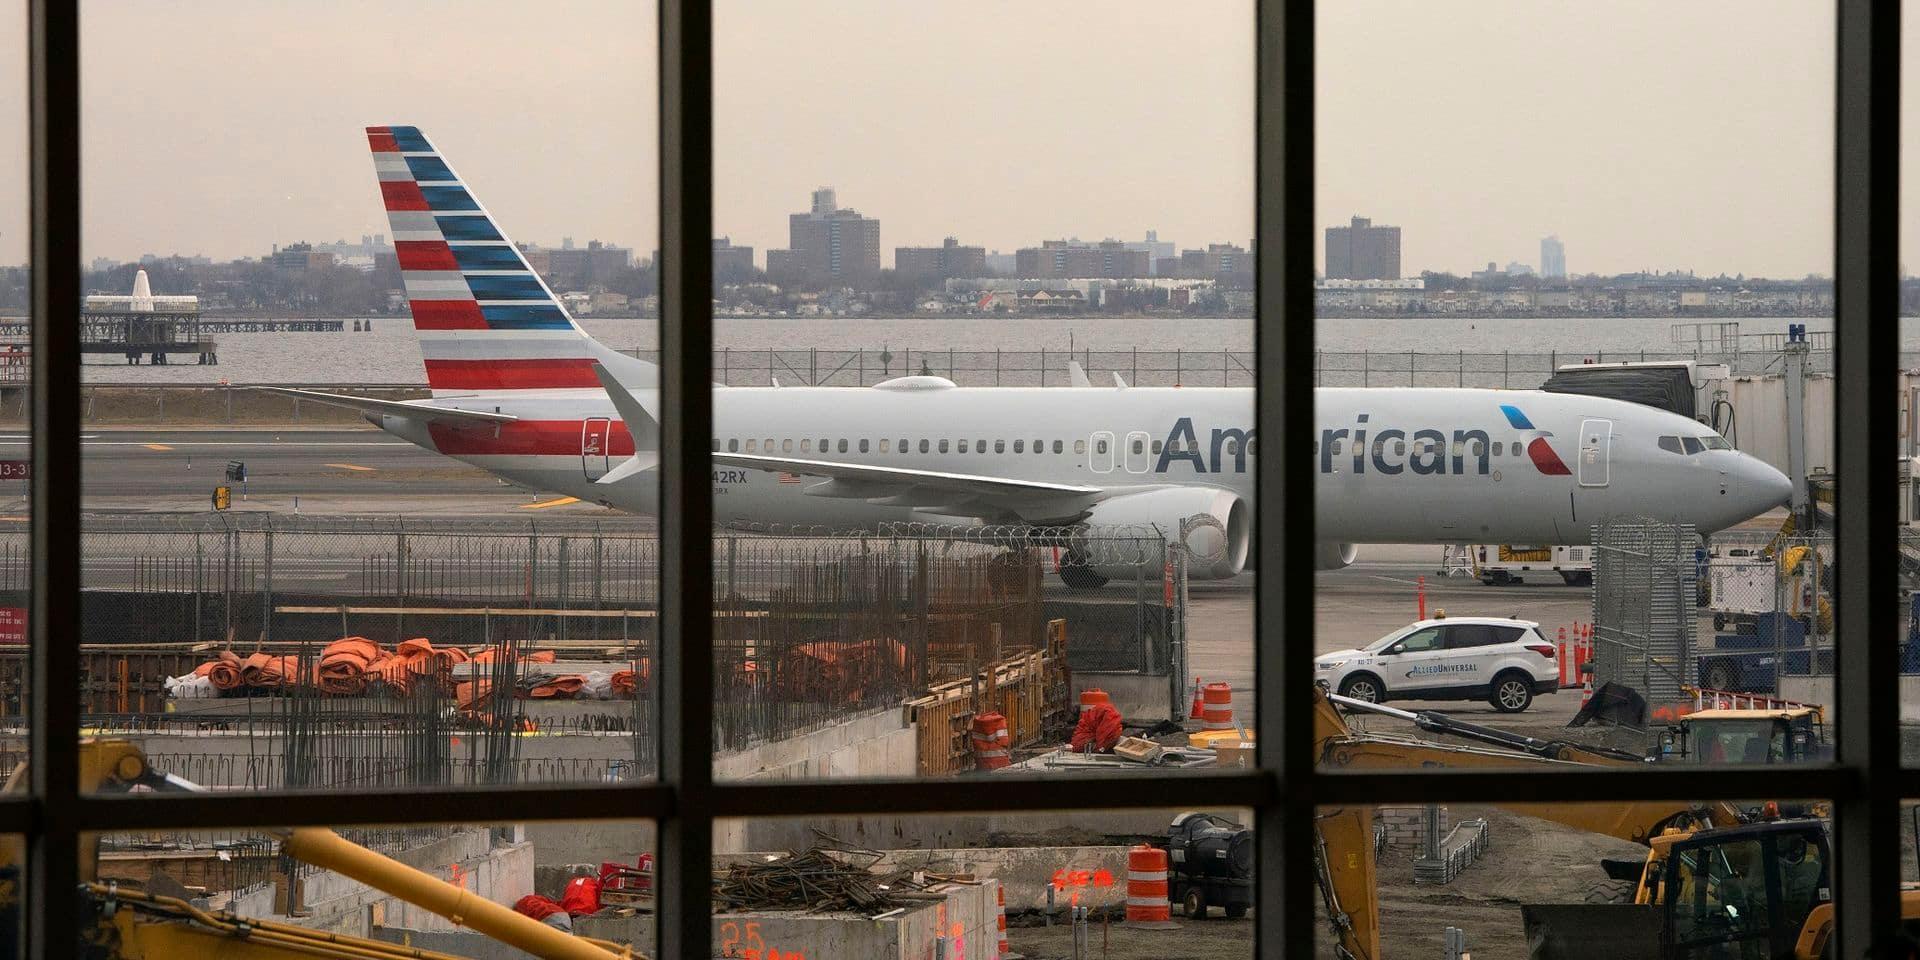 Des nouvelles données justifient l'immobilisation des Boeing 737 MAX